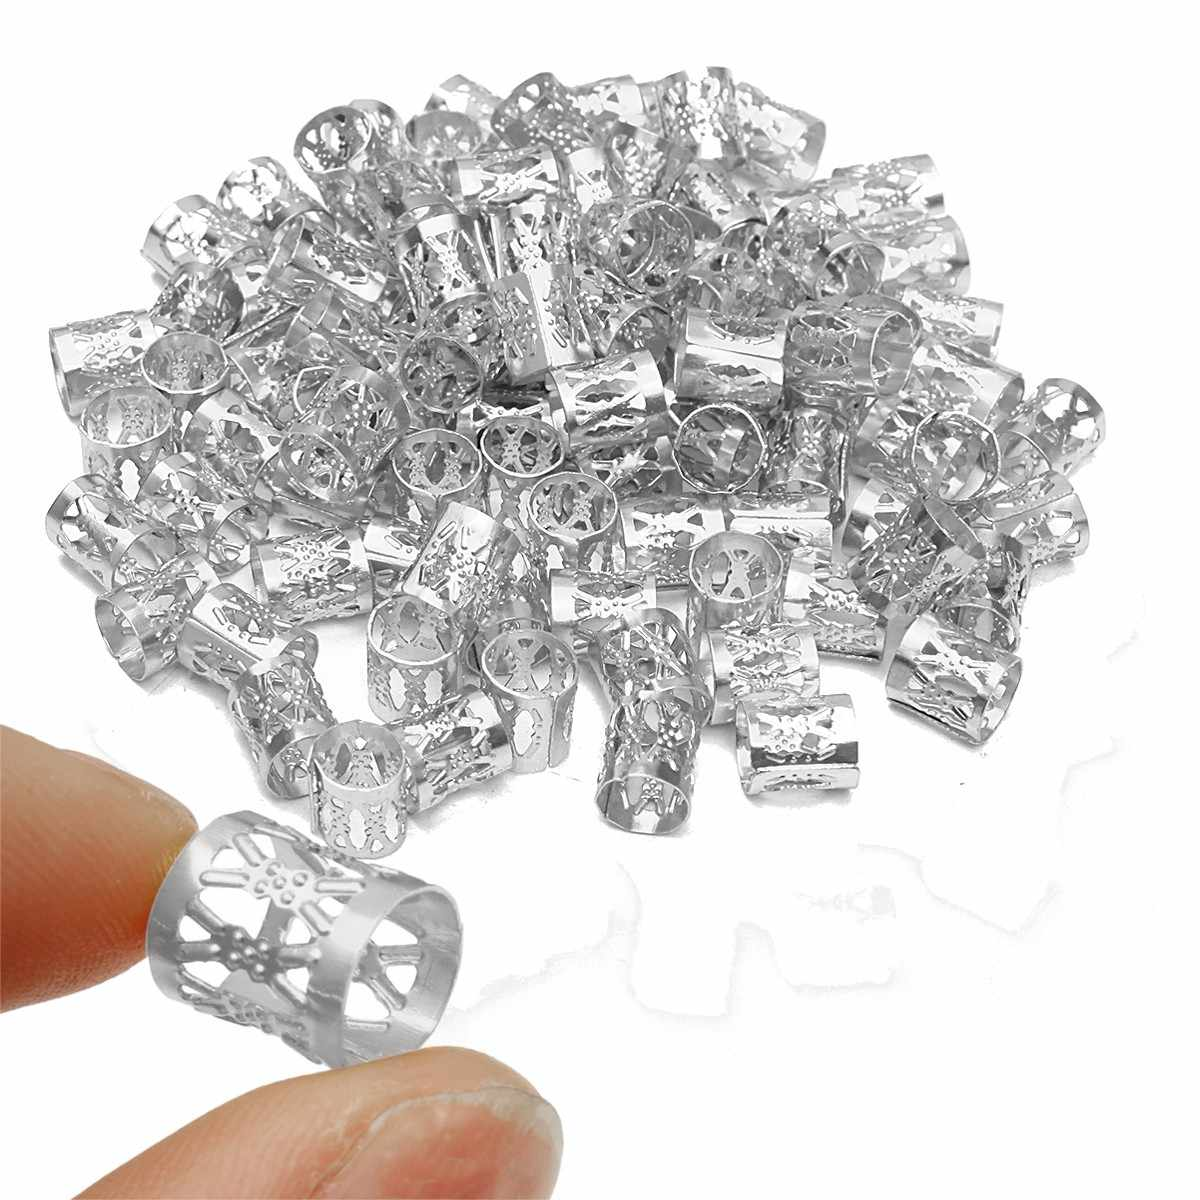 100 шт. 8 мм Серебристые бусины дредлок металлические кольца для волос соединительная трубка Регулируемая оплетка манжеты зажим вязание крючком плетение волос инструмент